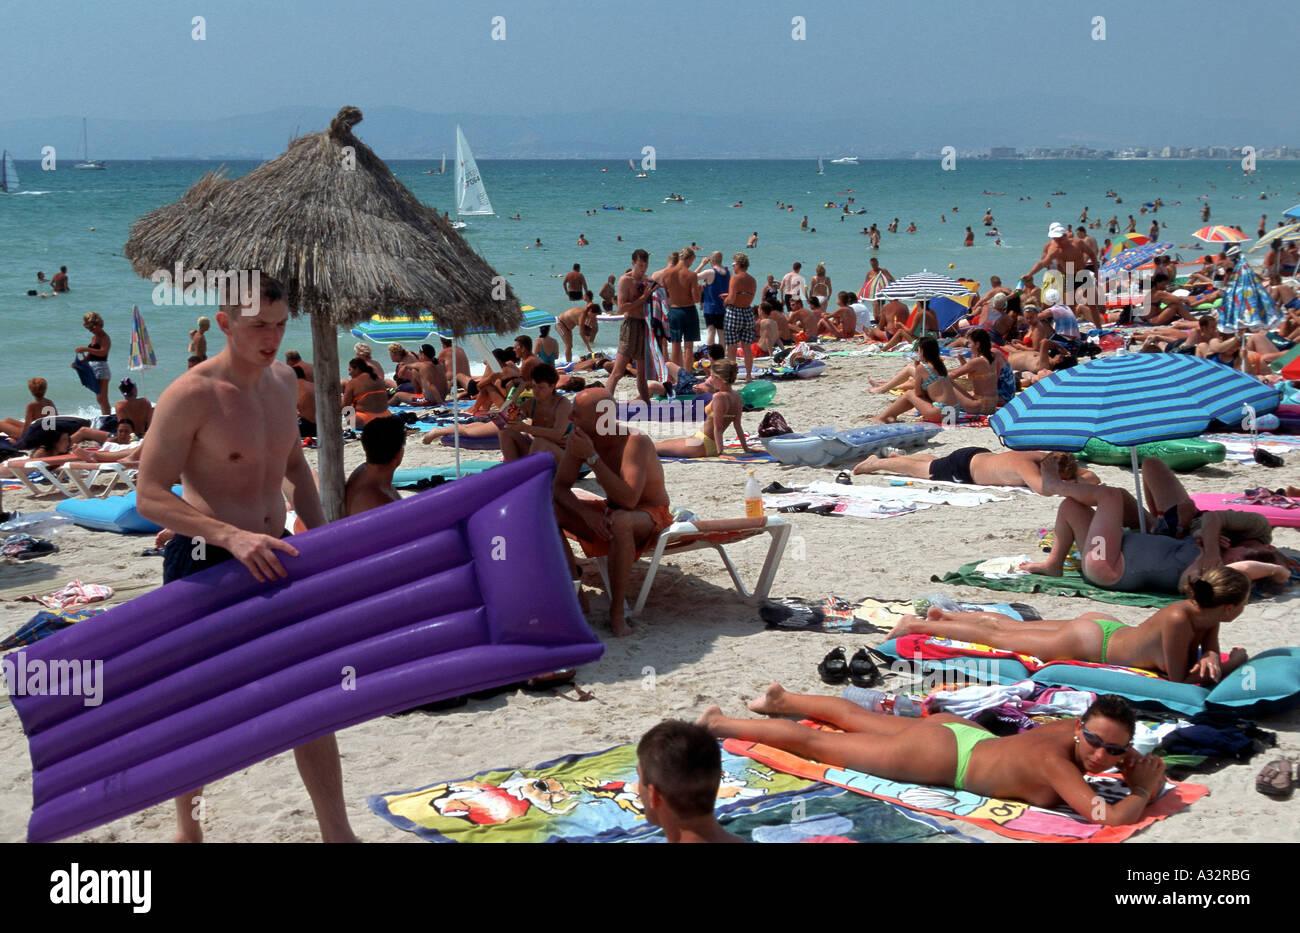 People At A Beach Mallorca Spain